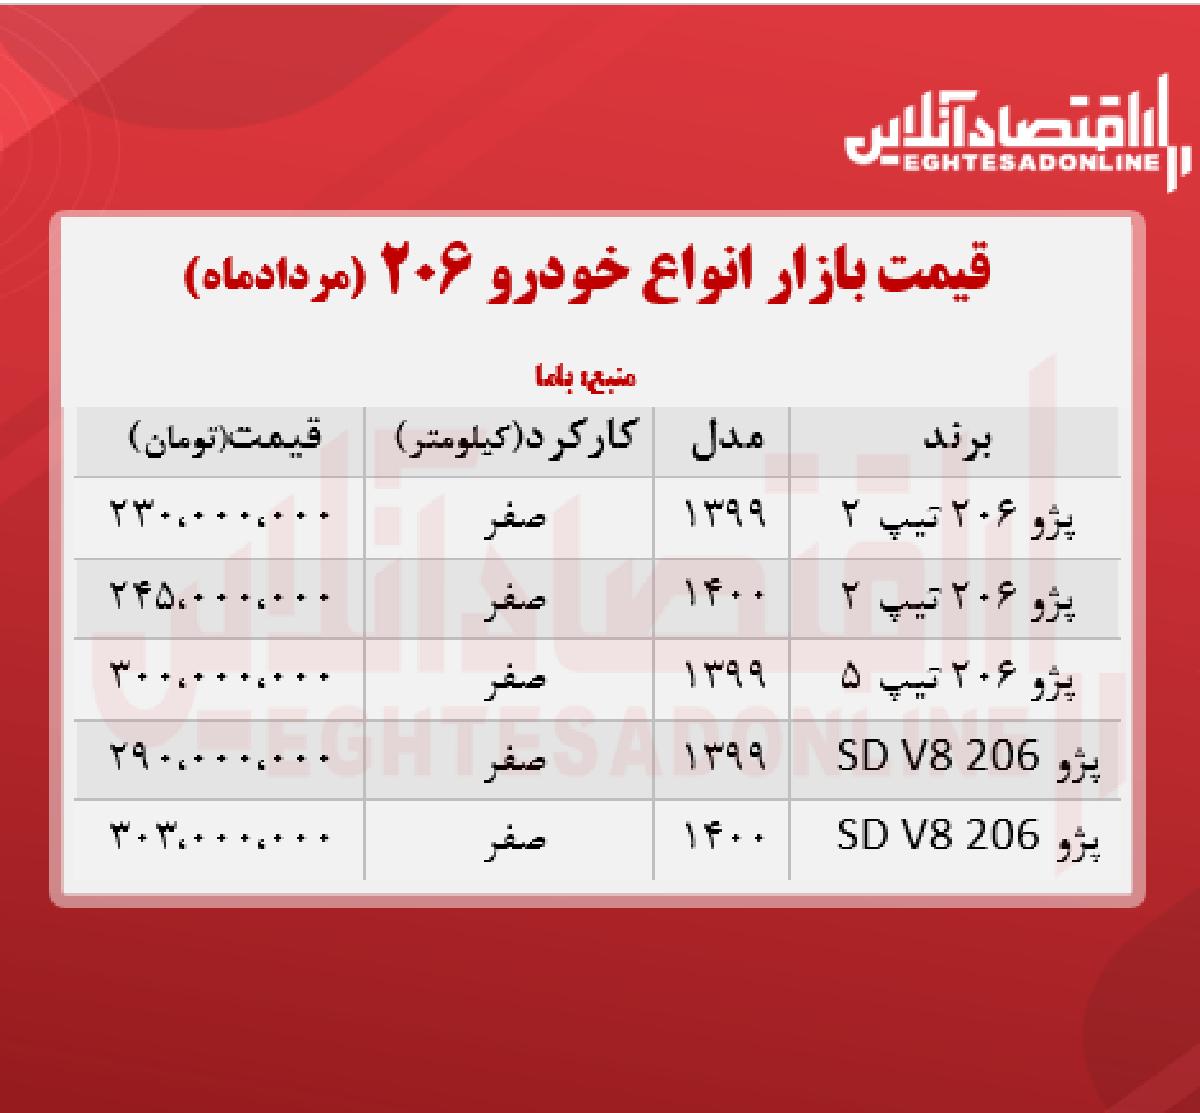 قیمت انواع ۲۰۶ در تهران